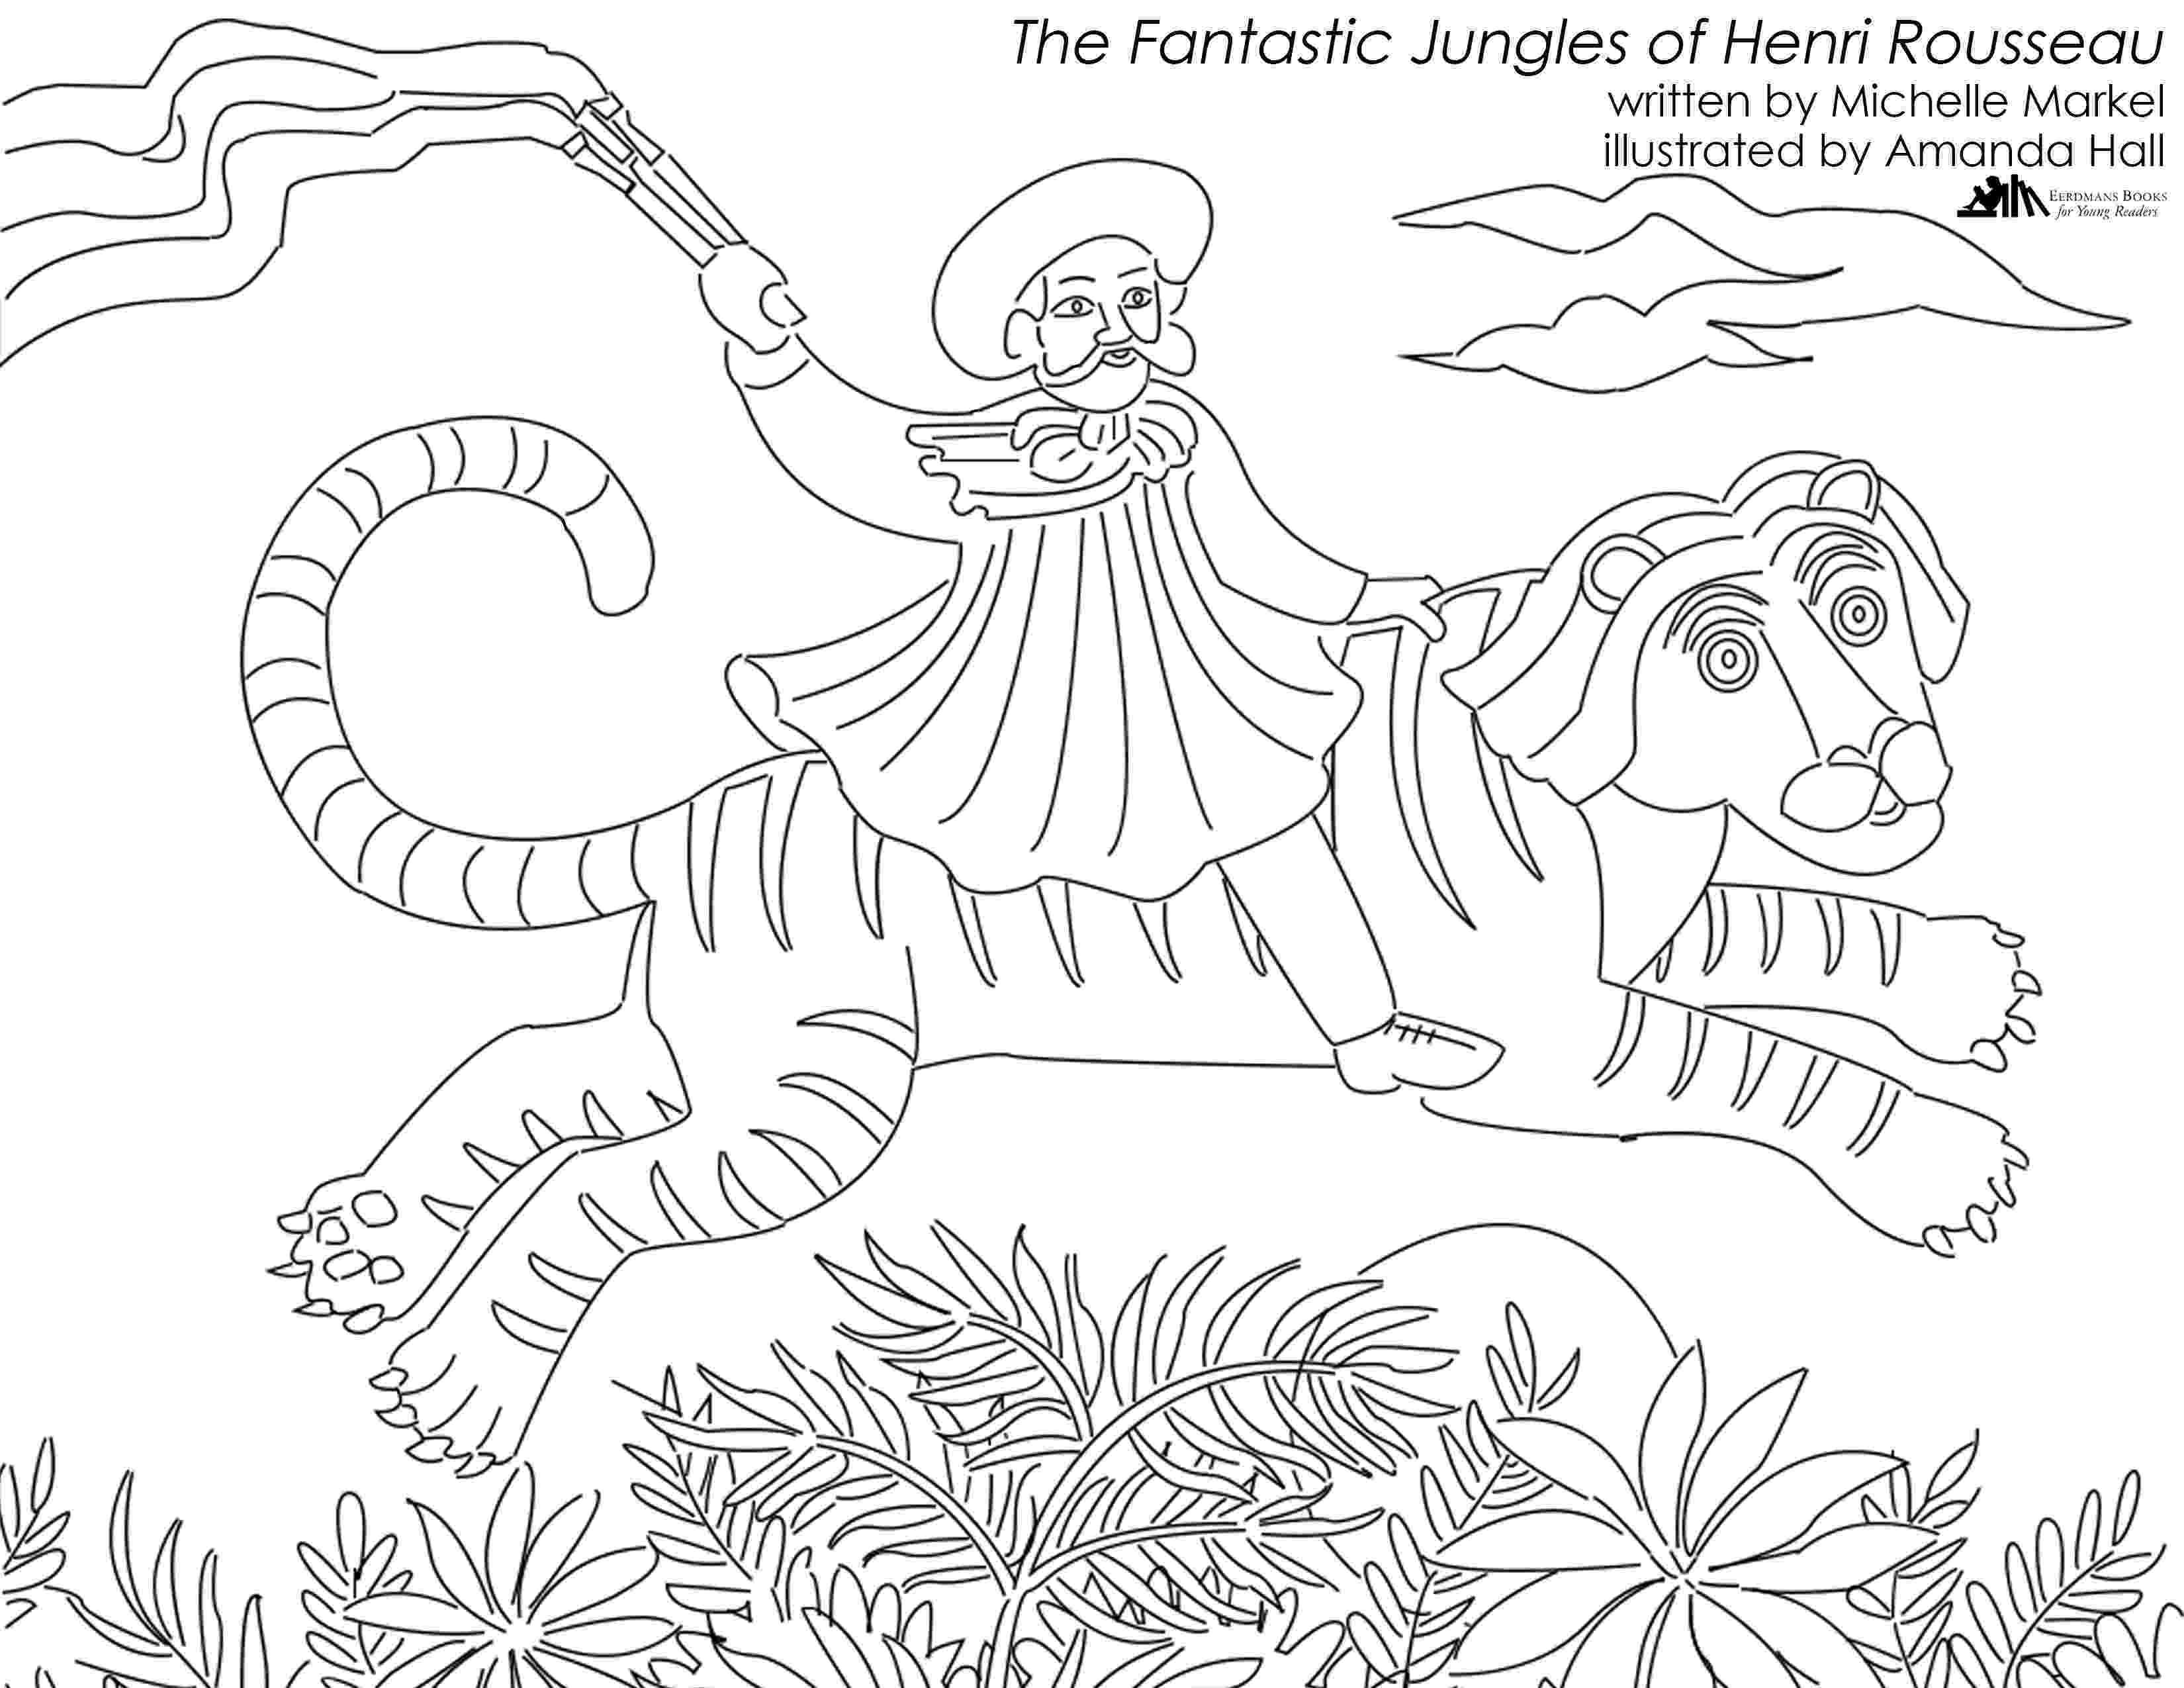 henri rousseau coloring pages henri rousseau coloring pages coloring pages for free rousseau henri pages coloring